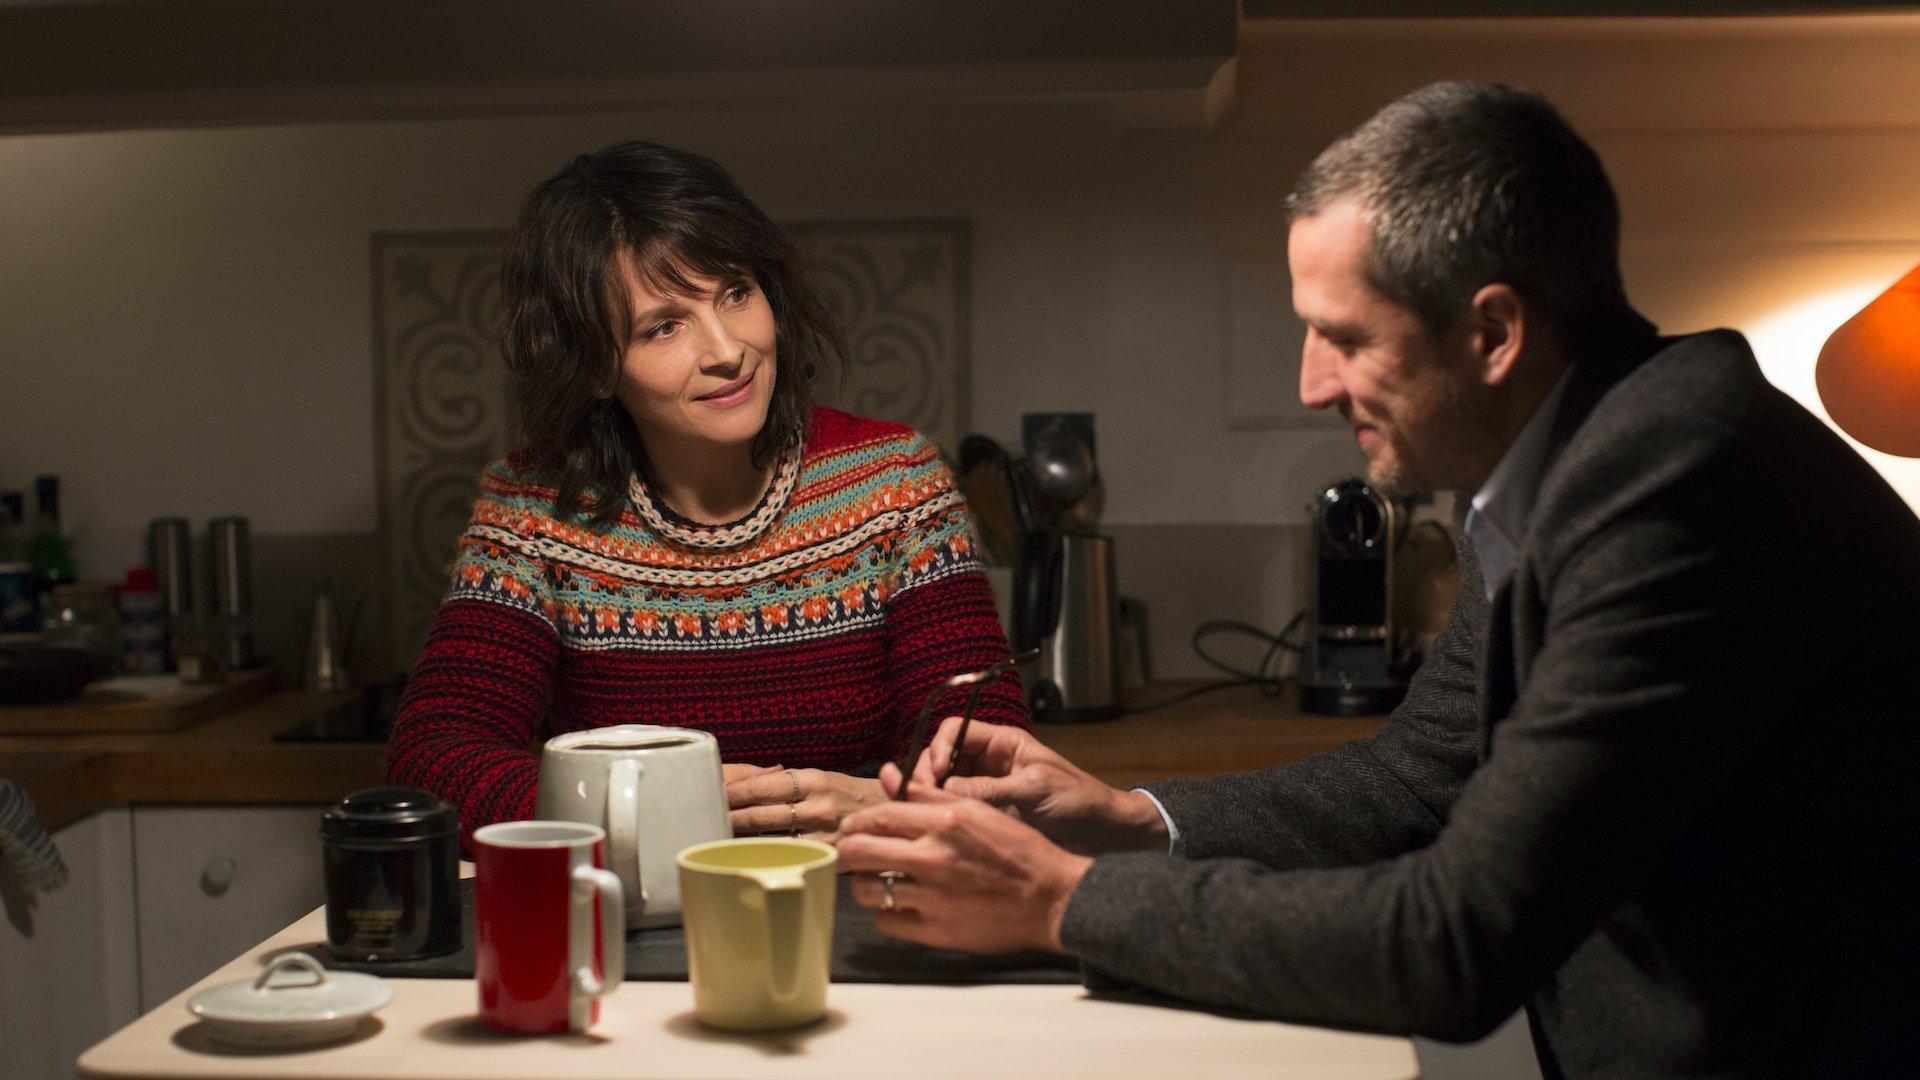 Il gioco delle coppie: recensione del film di Olivier Assayas